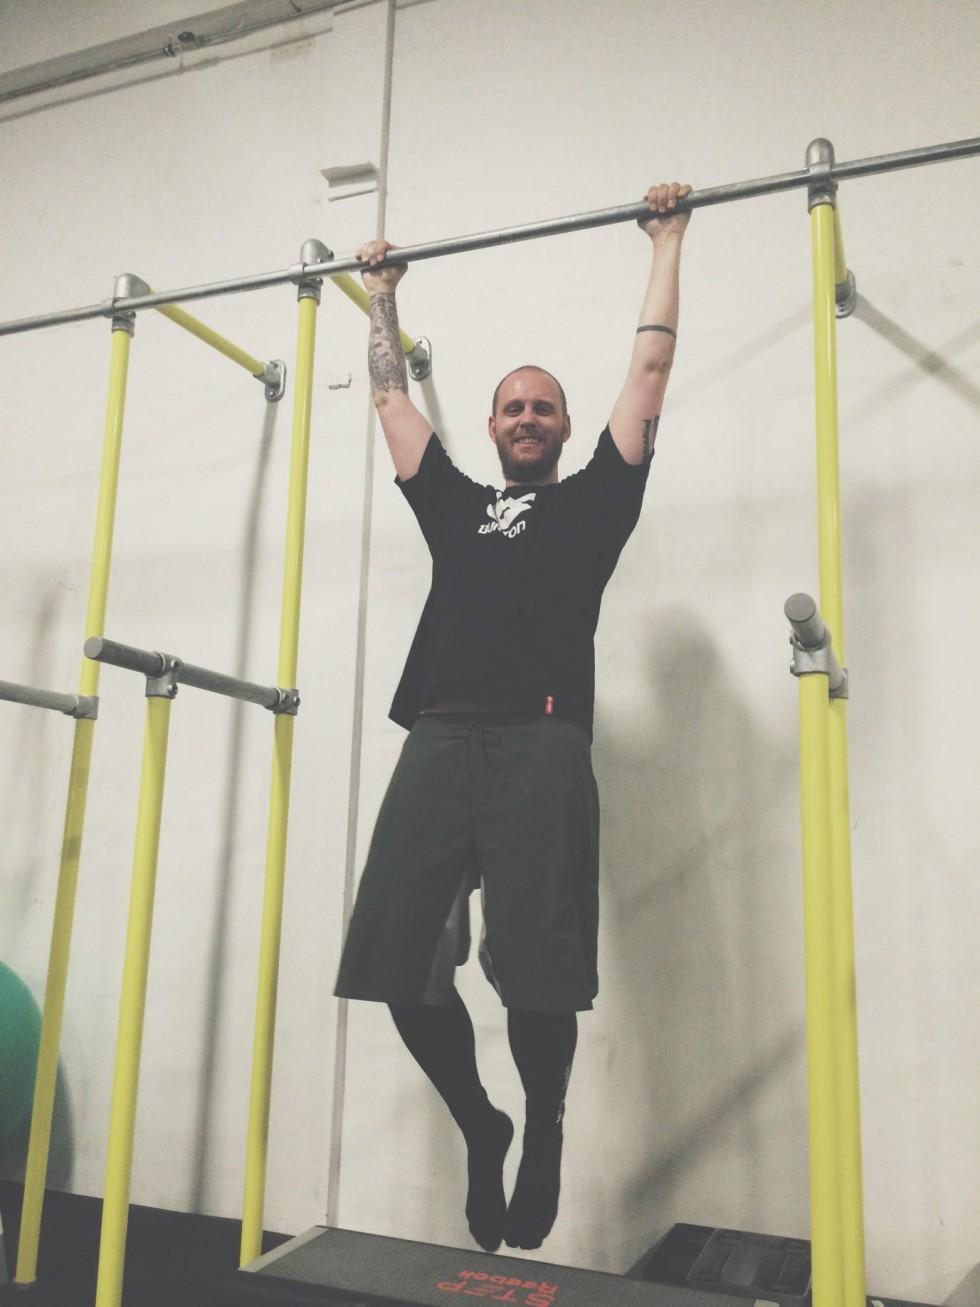 FitnessDKbegins